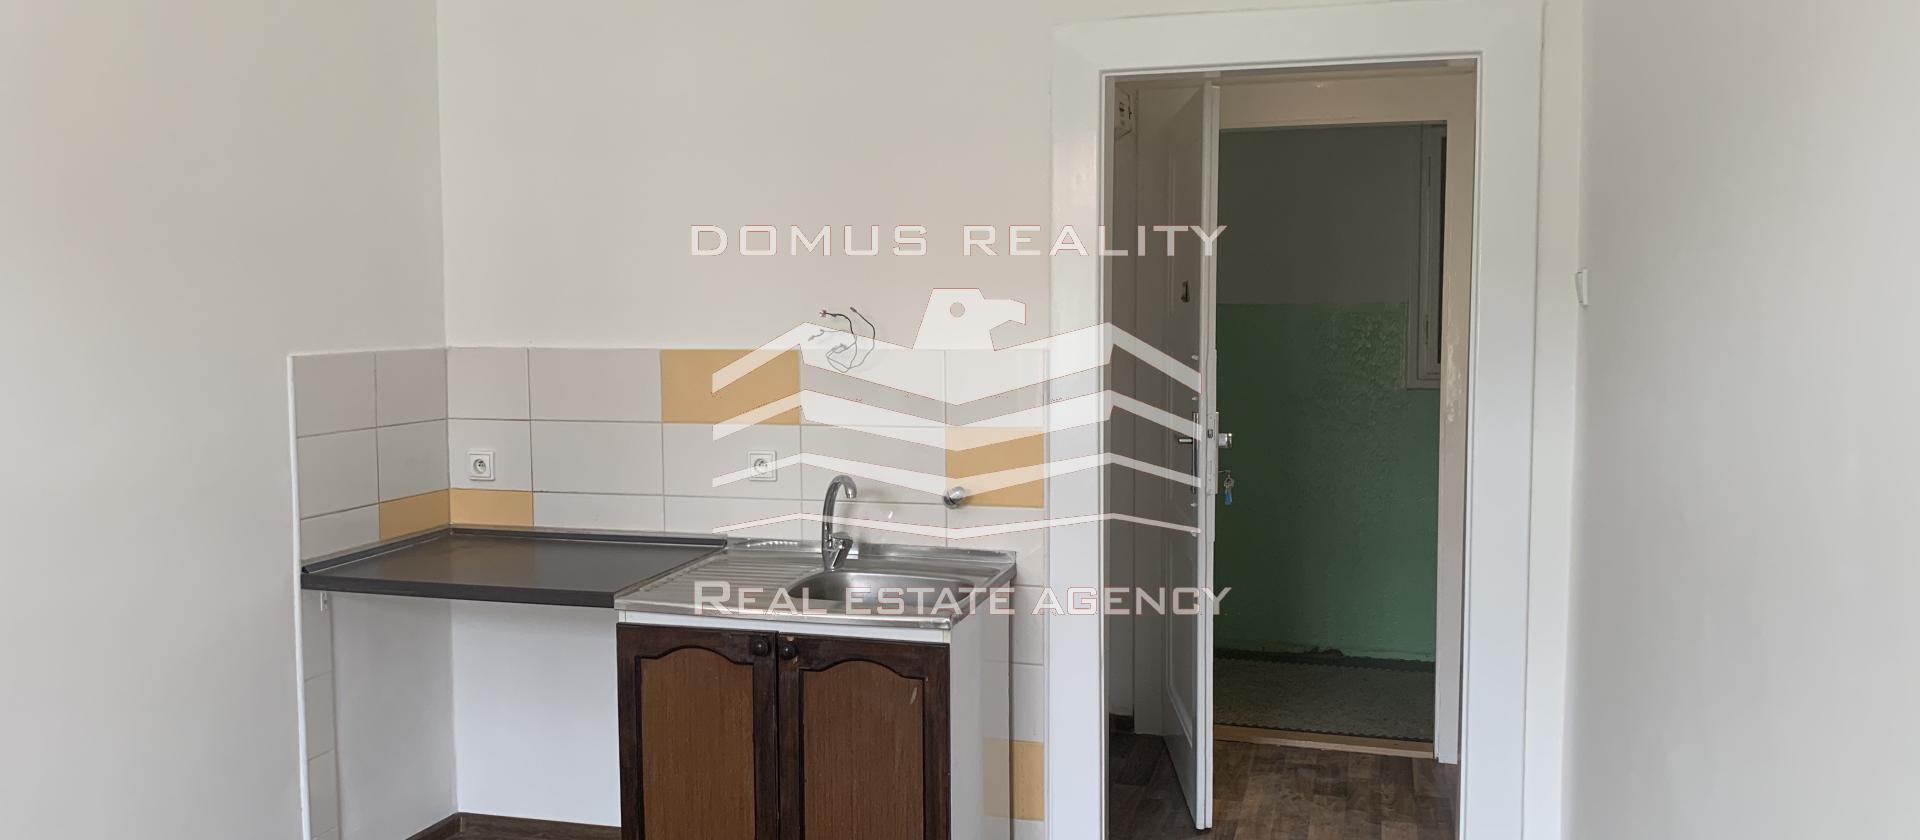 Nabízíme k pronájmu byt 1+kk, podlahová plocha bytu 21 m2,